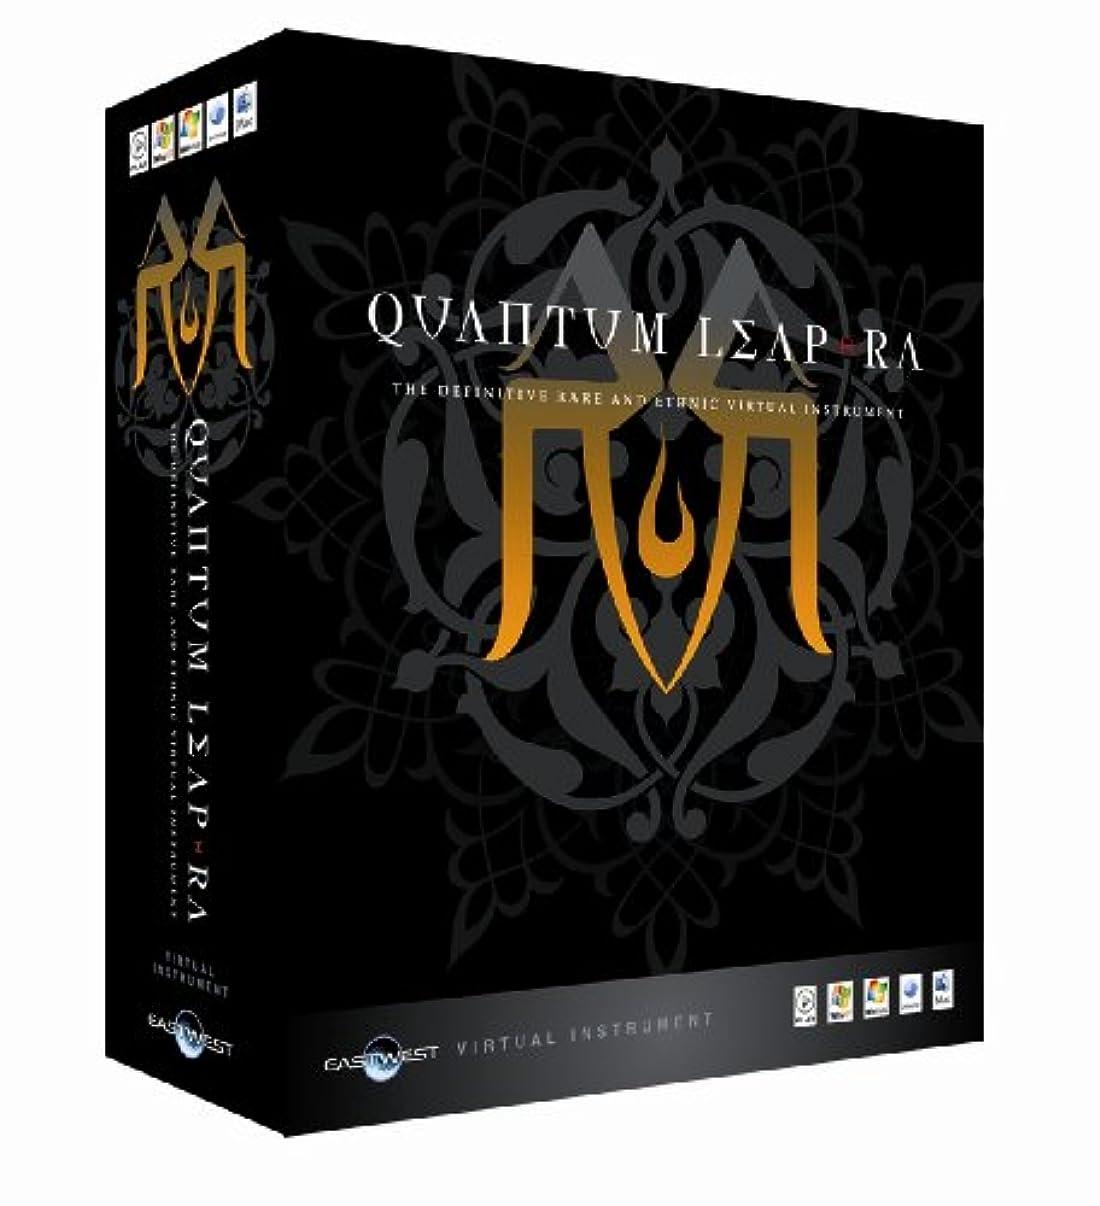 鎮静剤昆虫風が強いEastWest Quantum Leap RA エスニックサウンドコレクション ダウンロード版